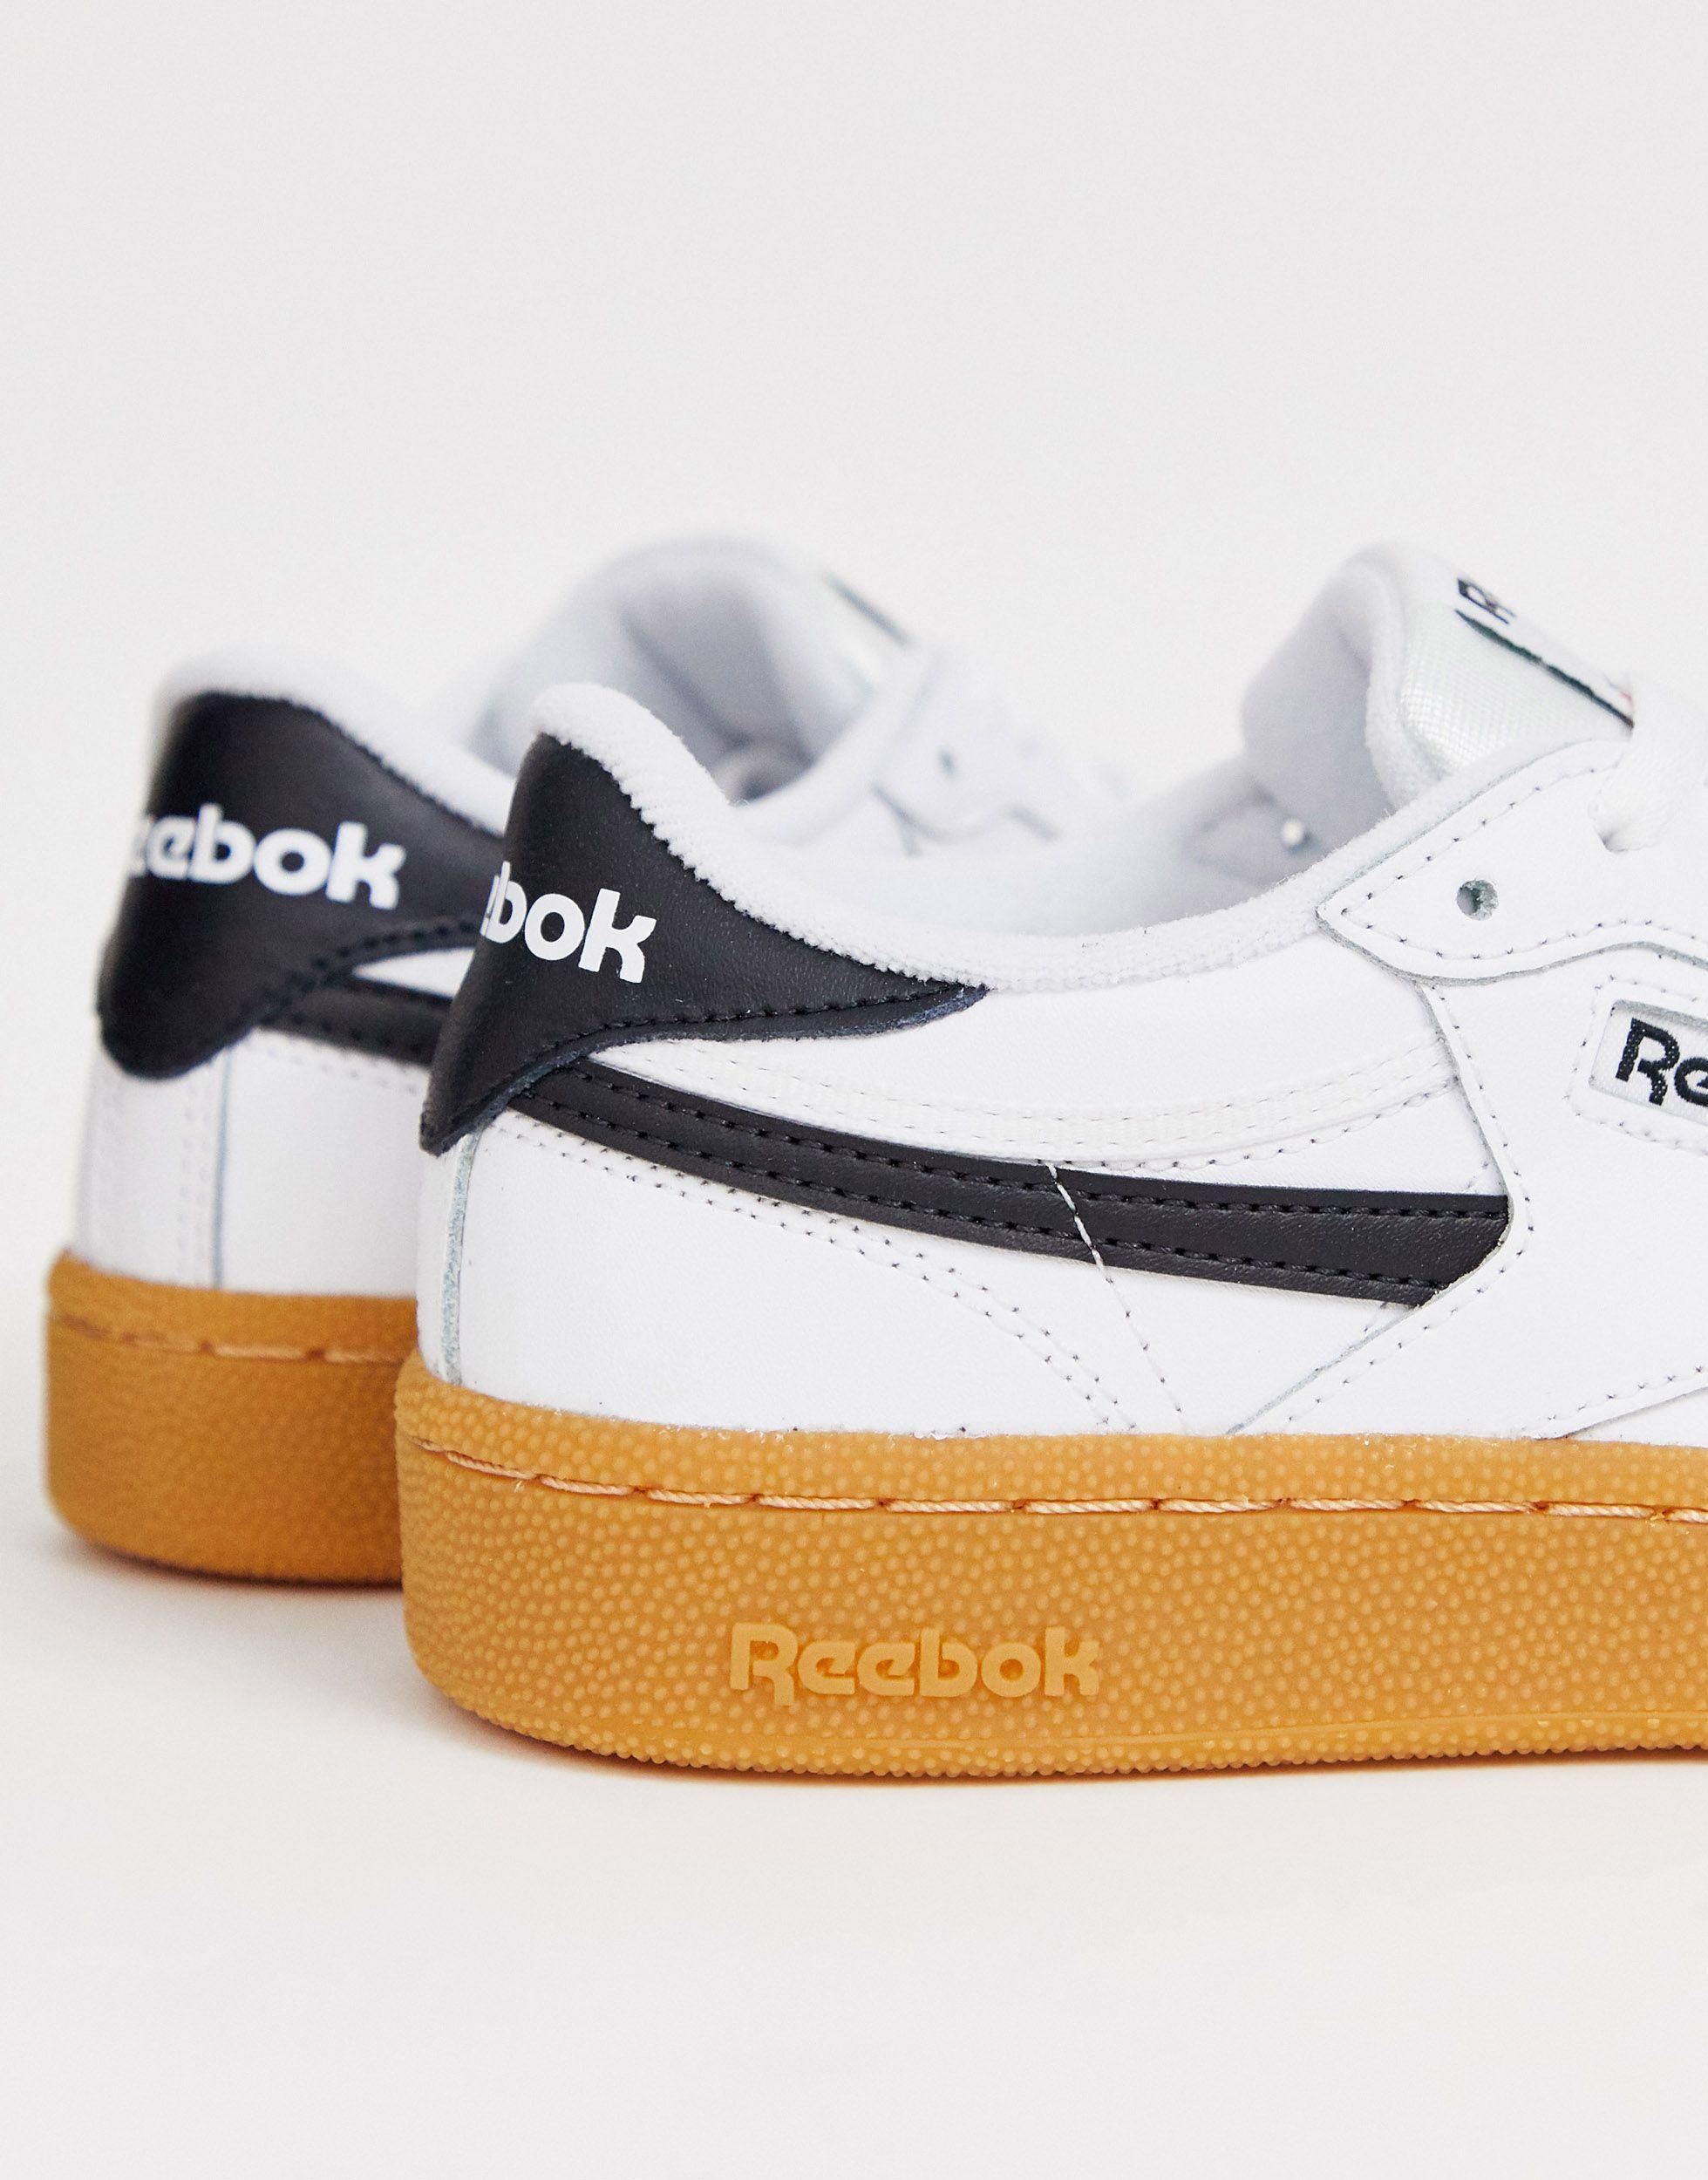 Revenge - Baskets avec semelle en caoutchouc Reebok en coloris Blanc yWLJ